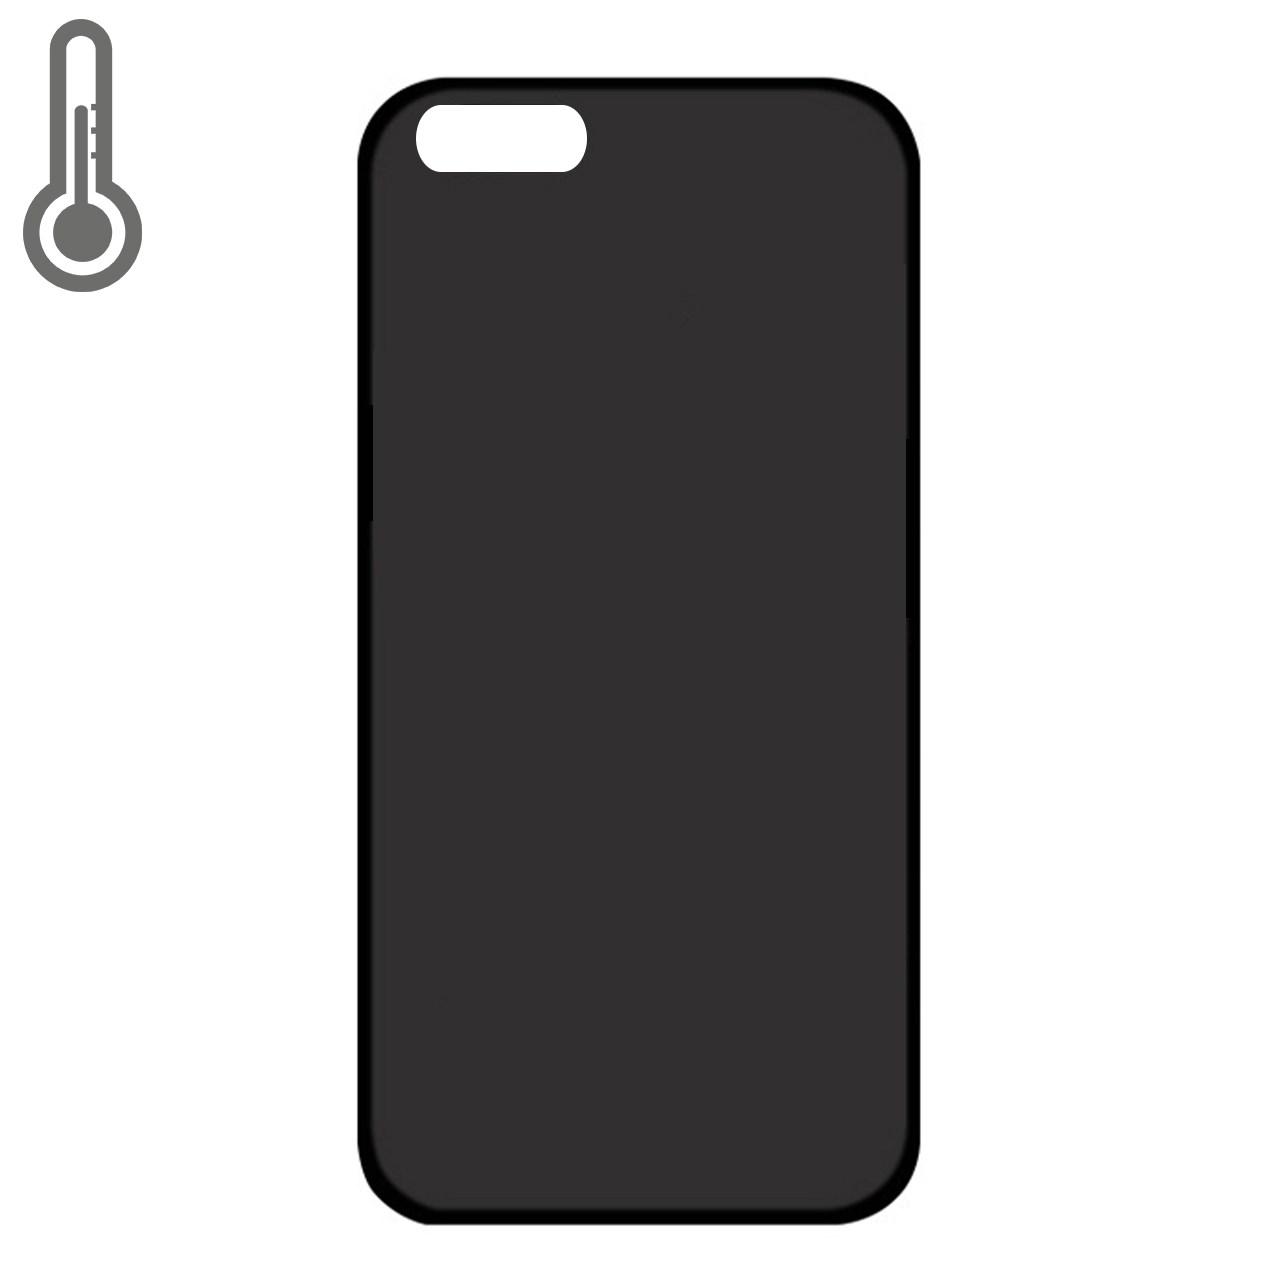 کاور حرارتی مناسب برای موبایل آیفون 7 پلاس